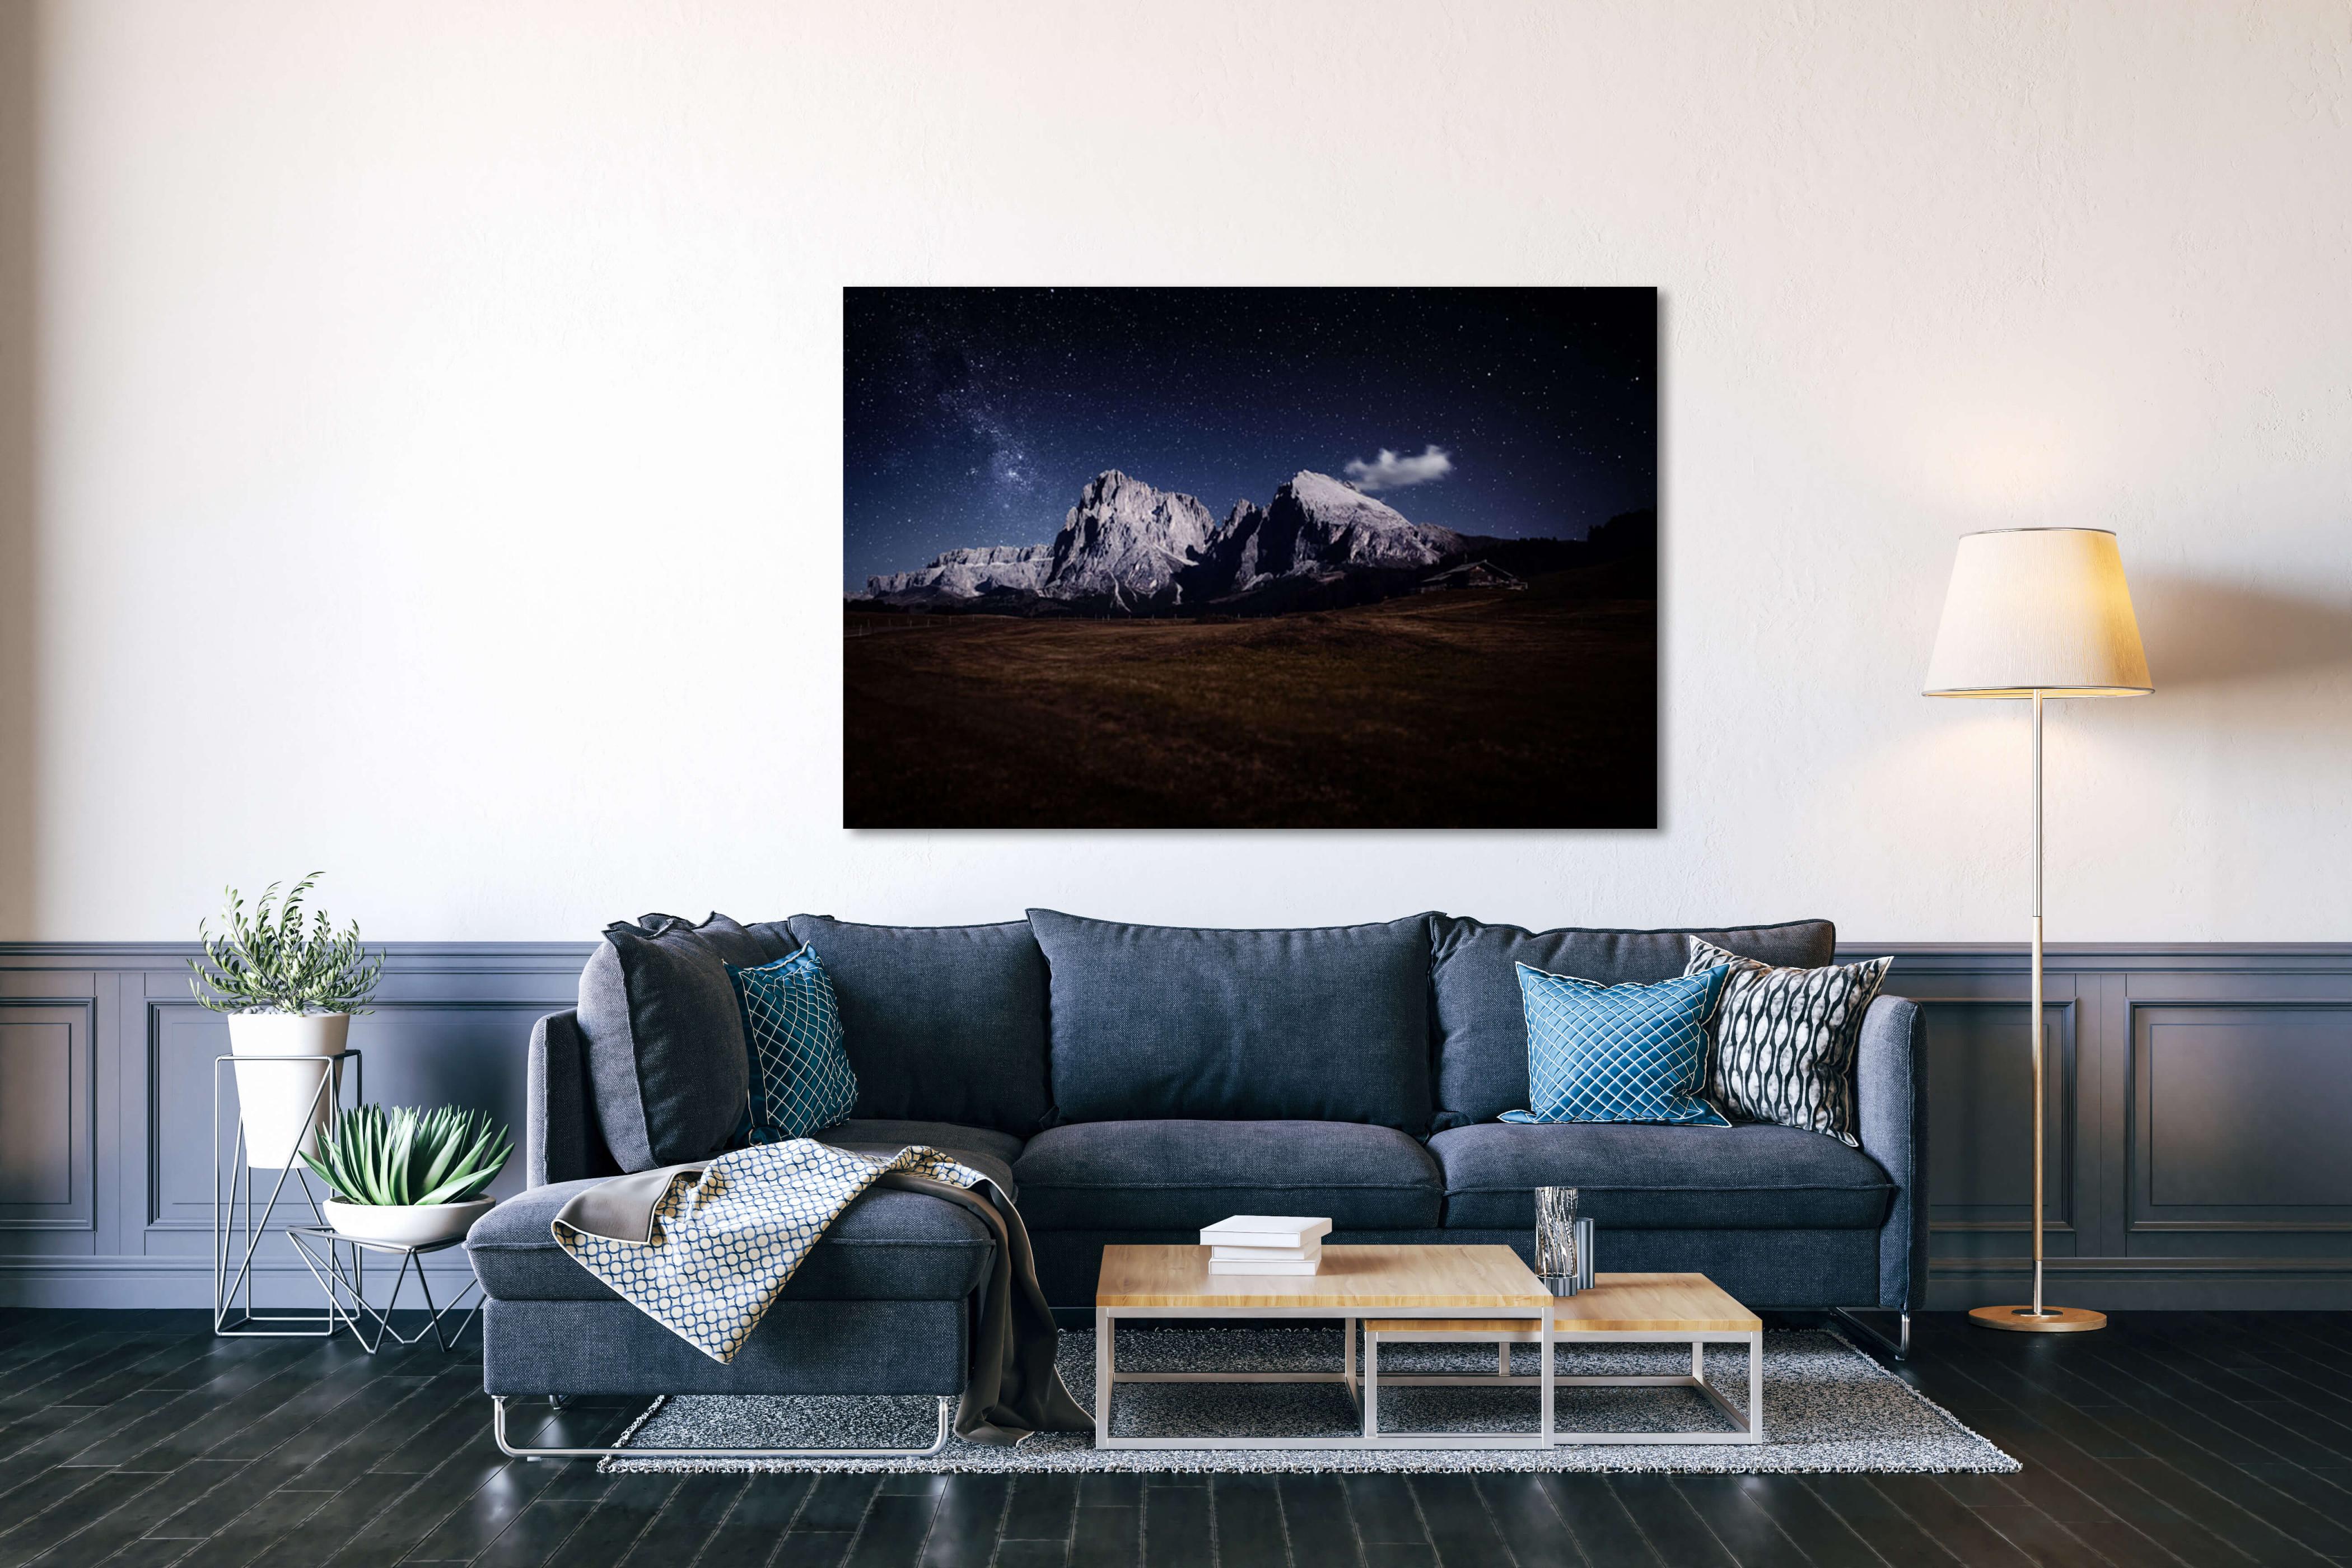 Wandbilder Fürs Wohnzimmer • Nugloss Blog • Tipps Für von Bilder Für Wohnzimmer Bild